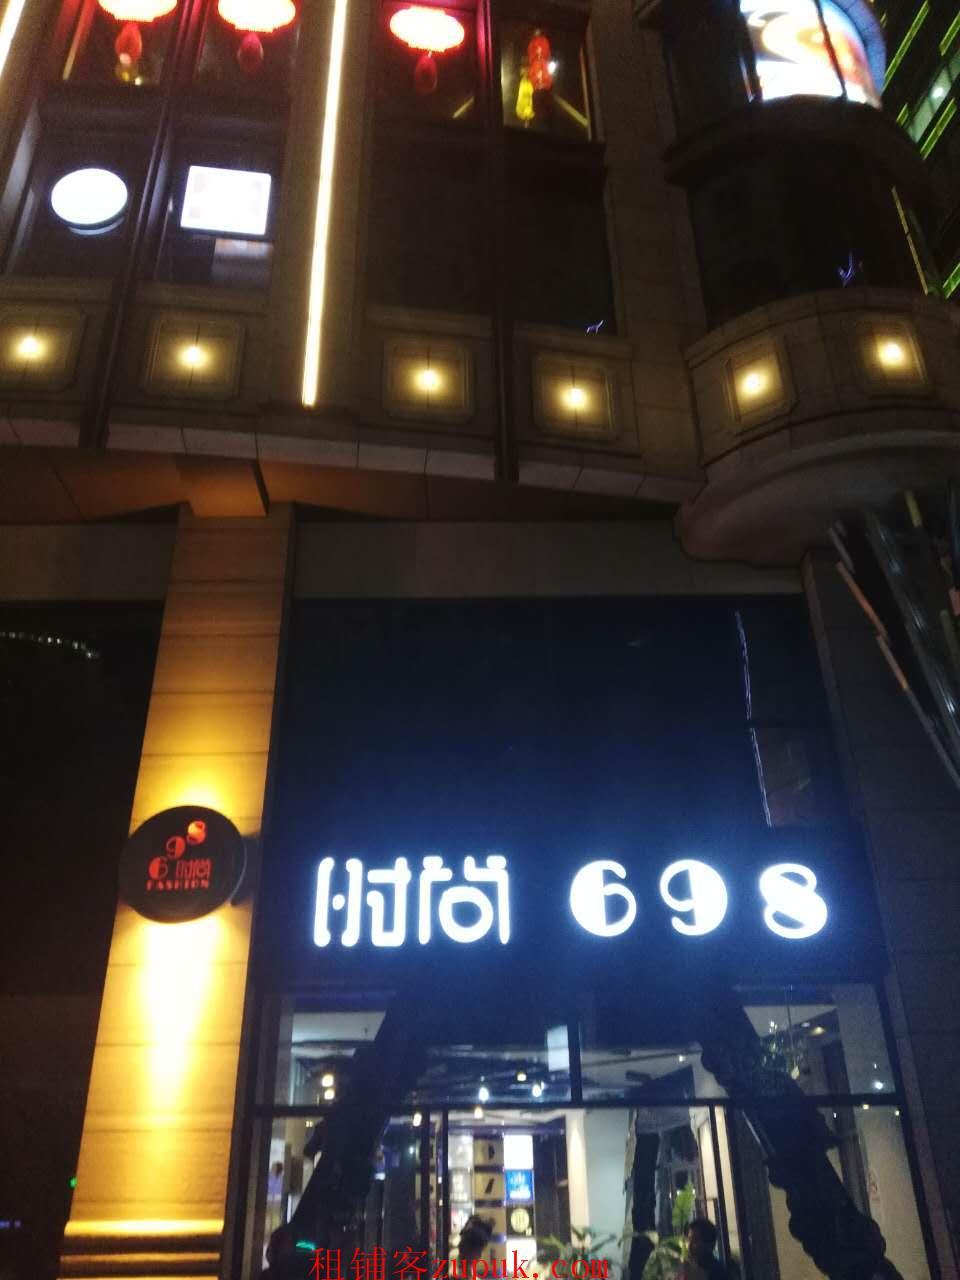 大宁核心地段,周边写字楼众多,一楼美食城吃饭人多!